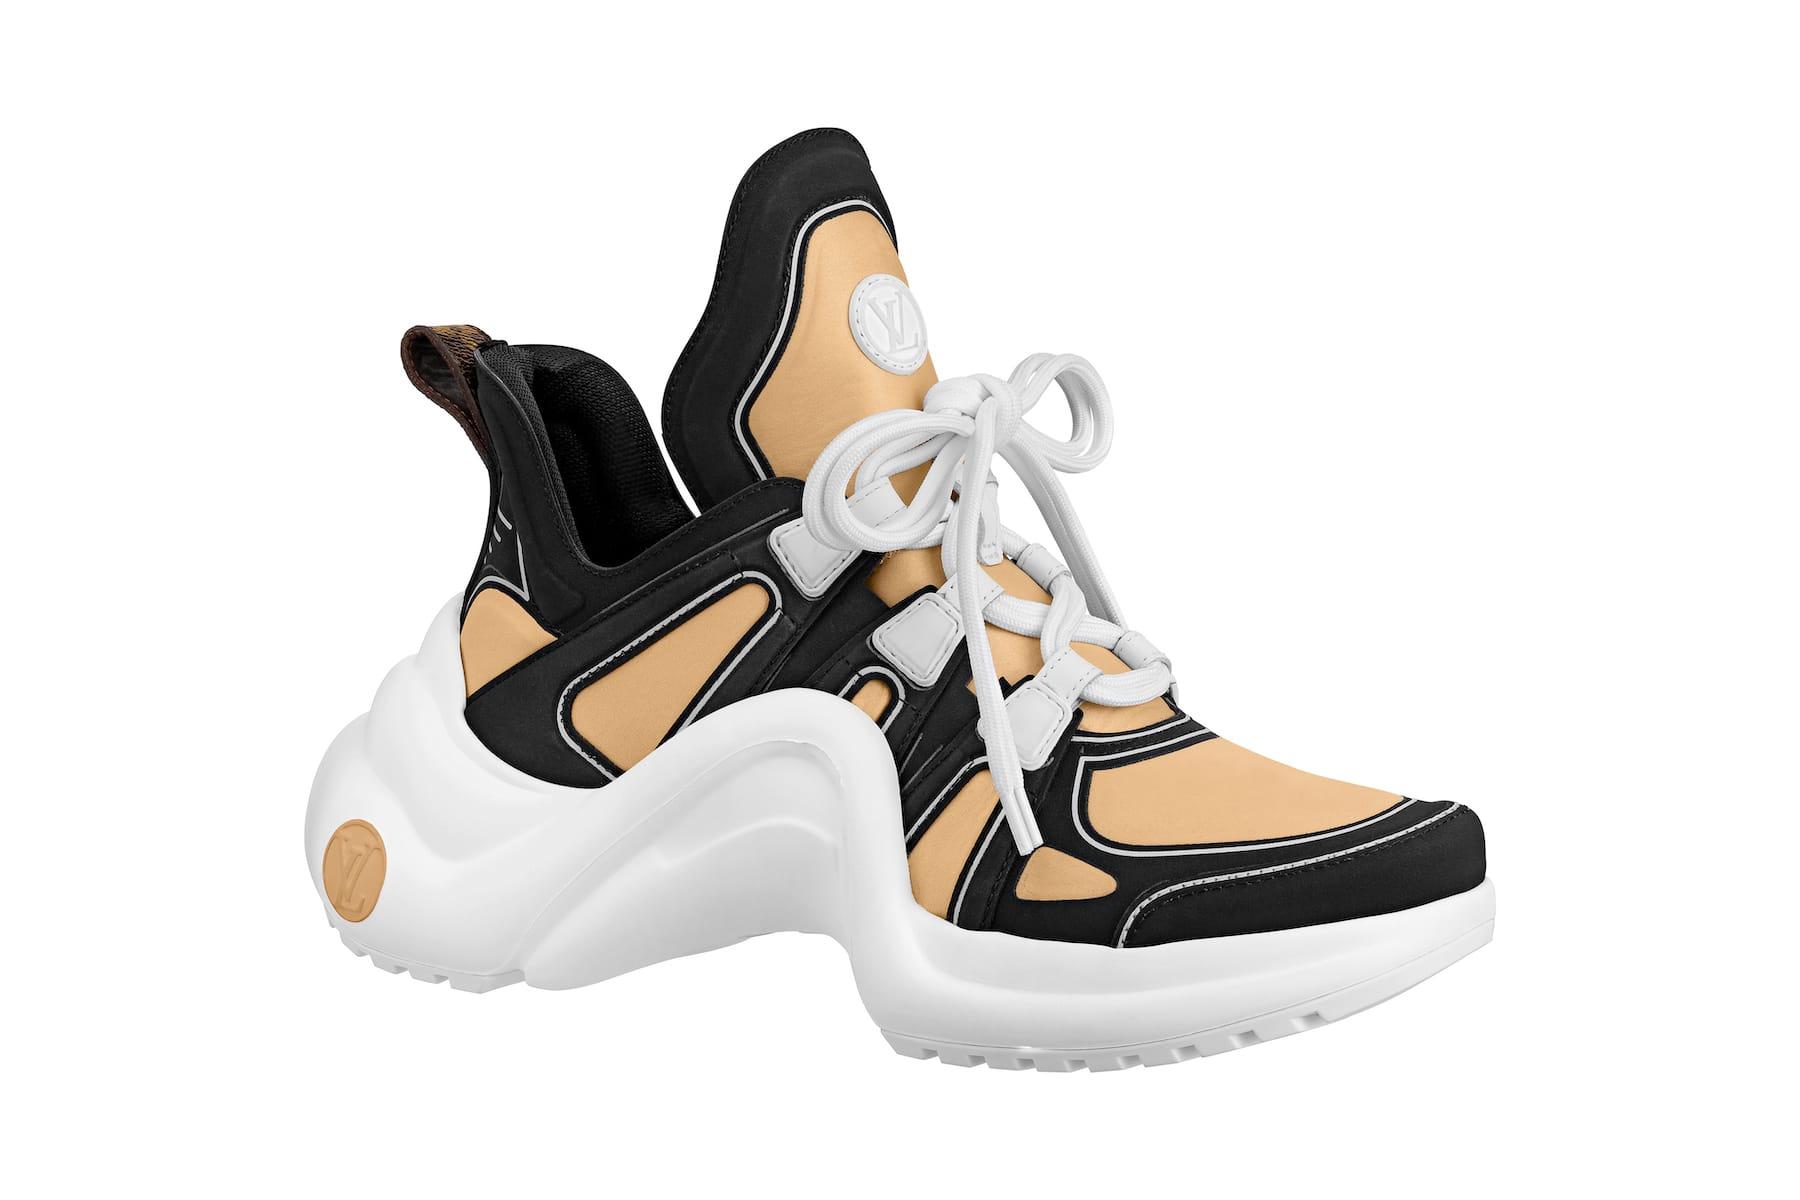 louis vuitton archlight shoes